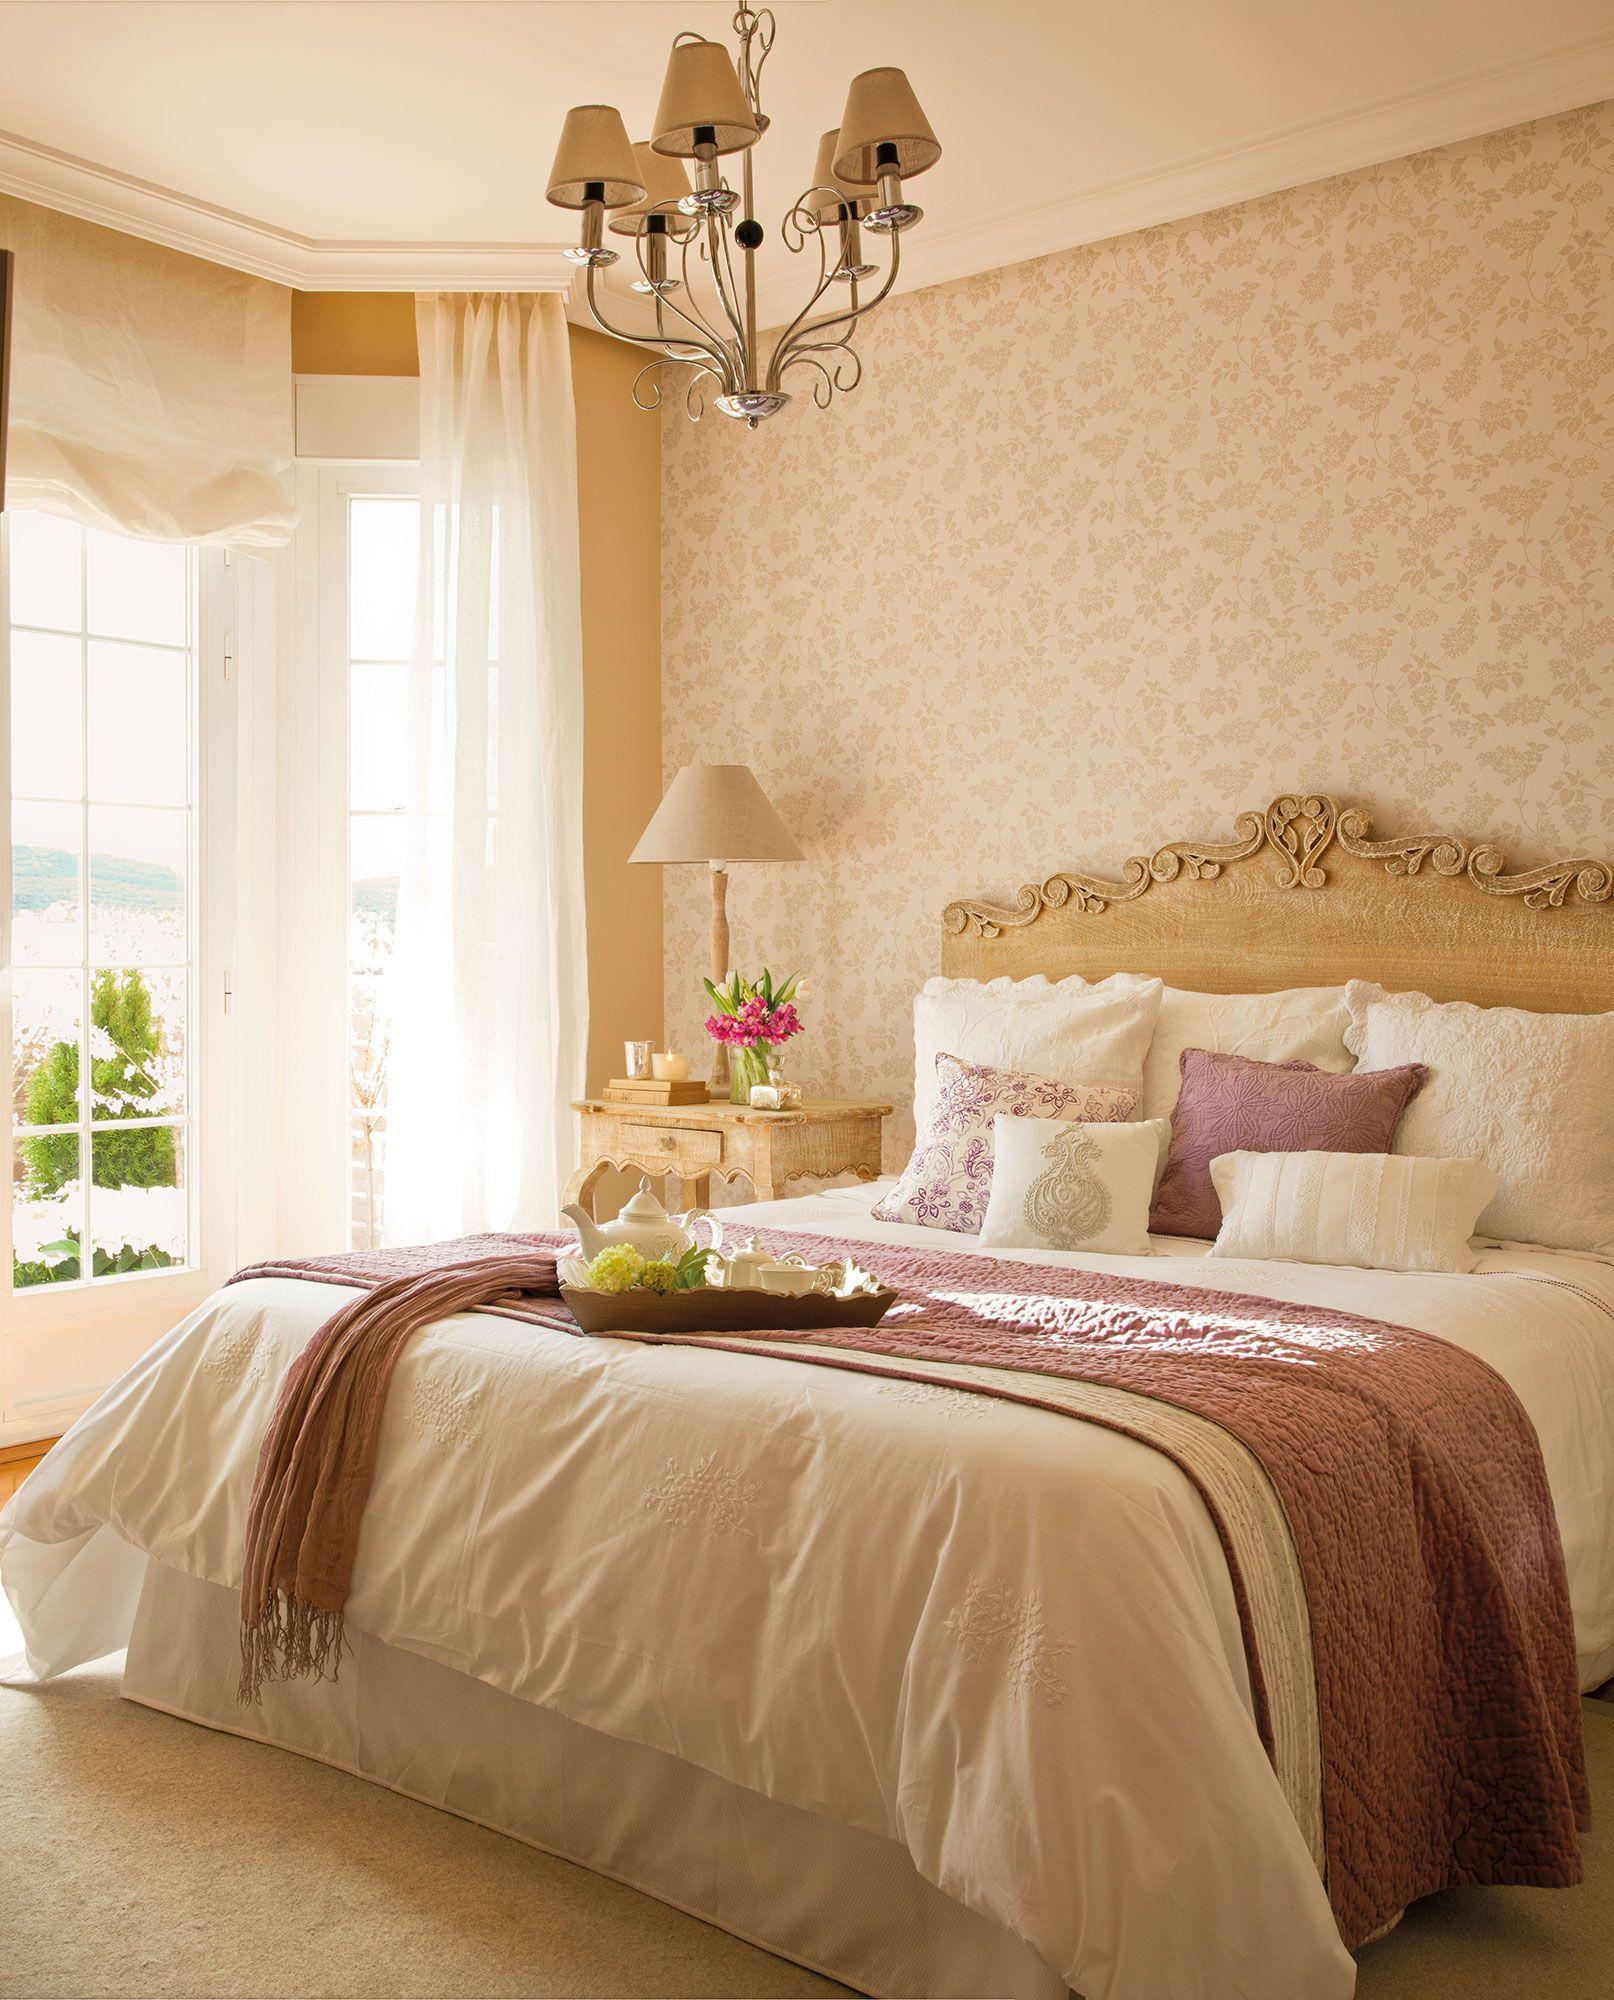 Los dormitorios sacan su vena rom ntica san valent n Casas estilo romantico